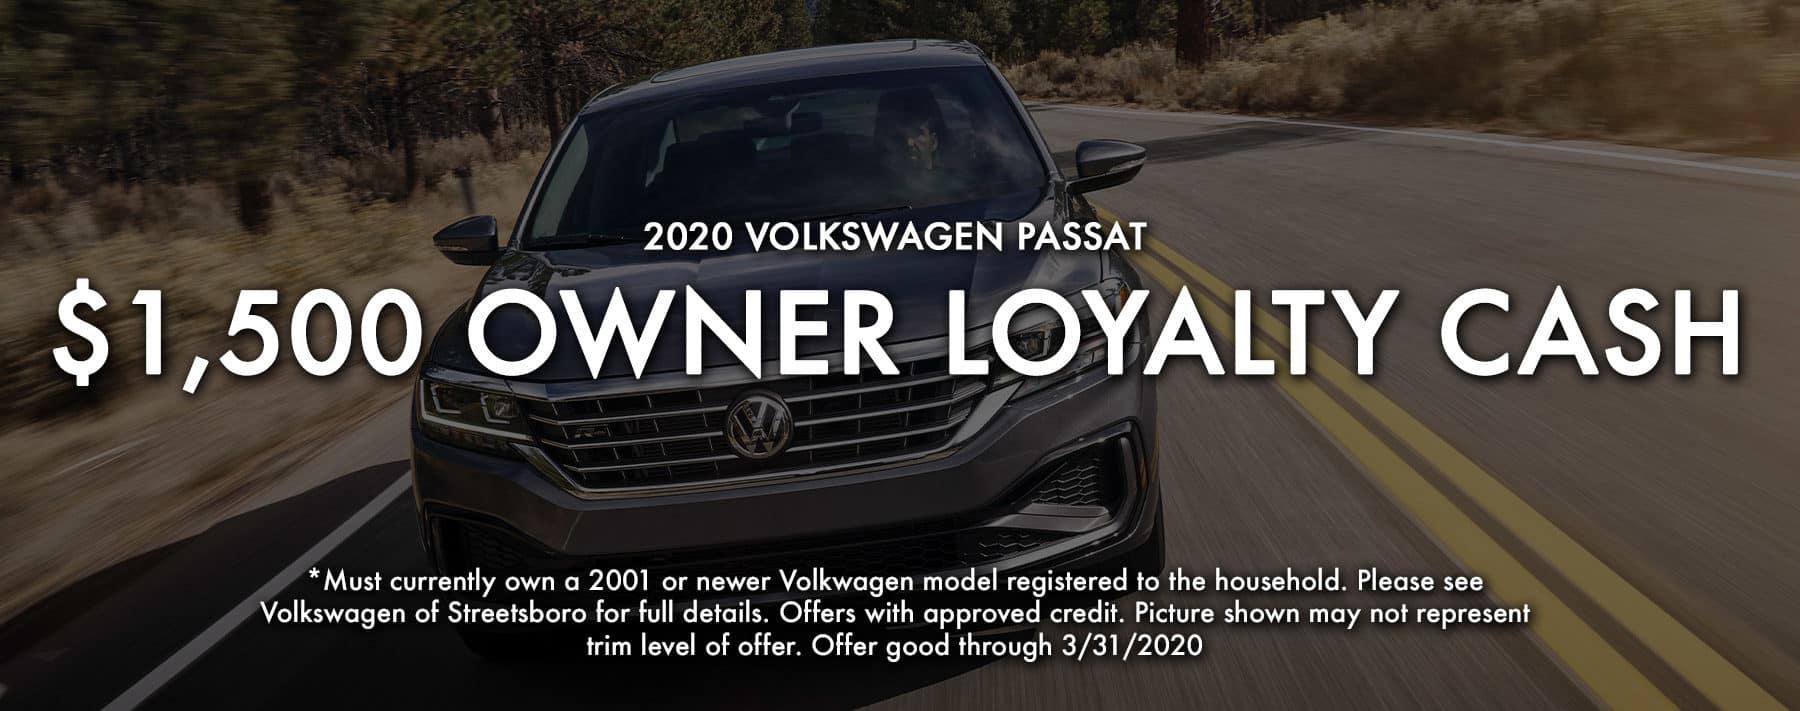 $1500 Owner Loyalty on 2020 Volkswagen Passat